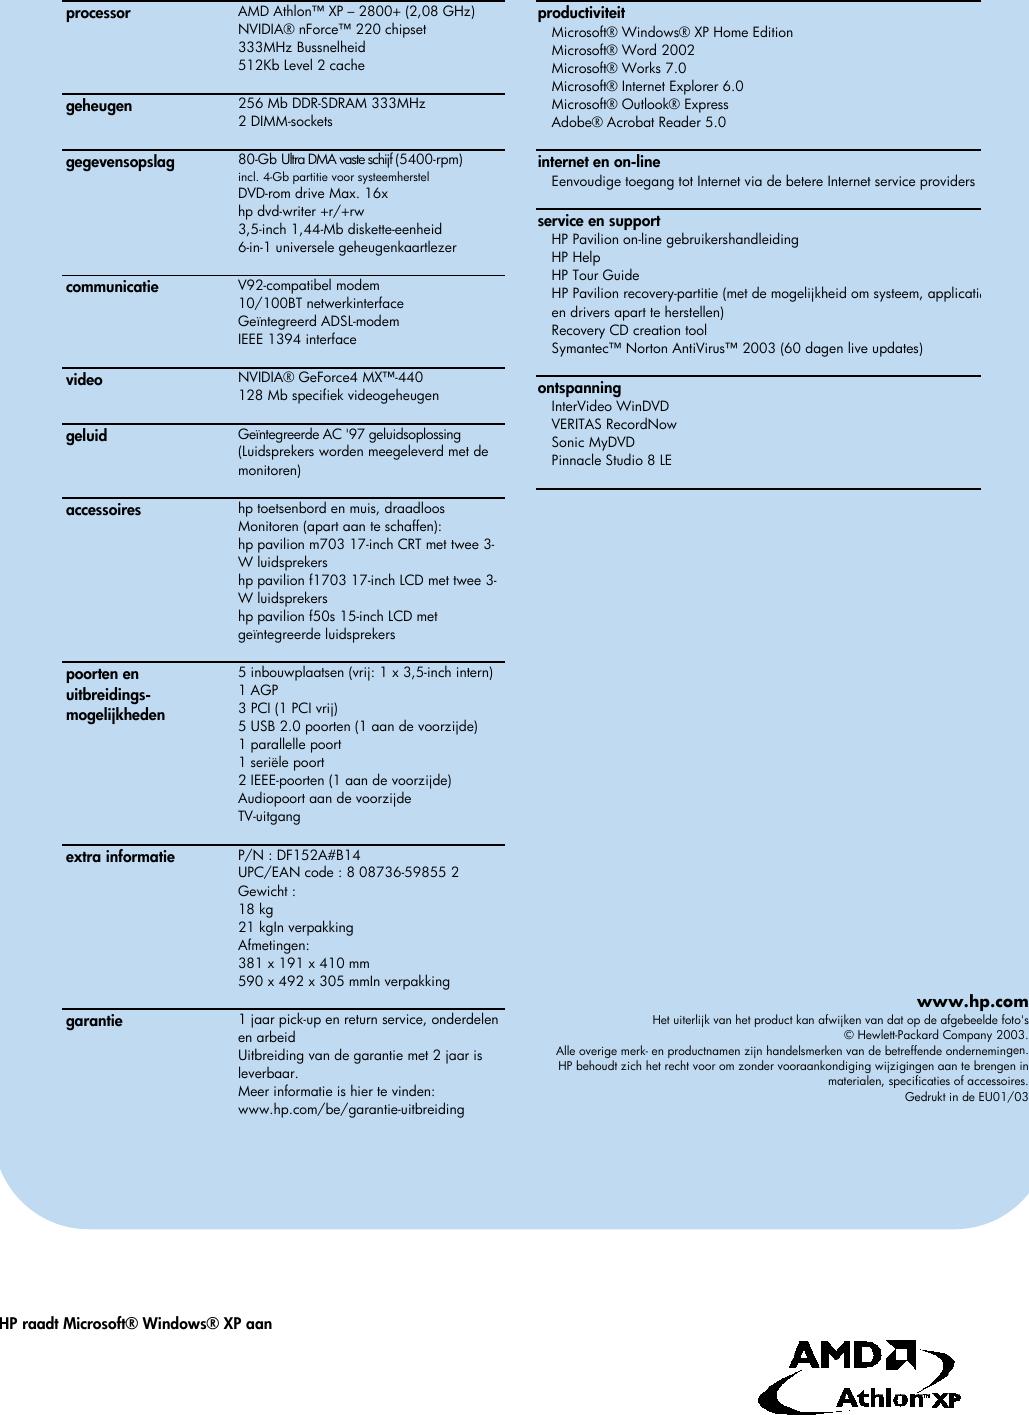 Page 2 of 2 - HP - T150.be_ds_nle Pavilion Desktop PC (Dutch)